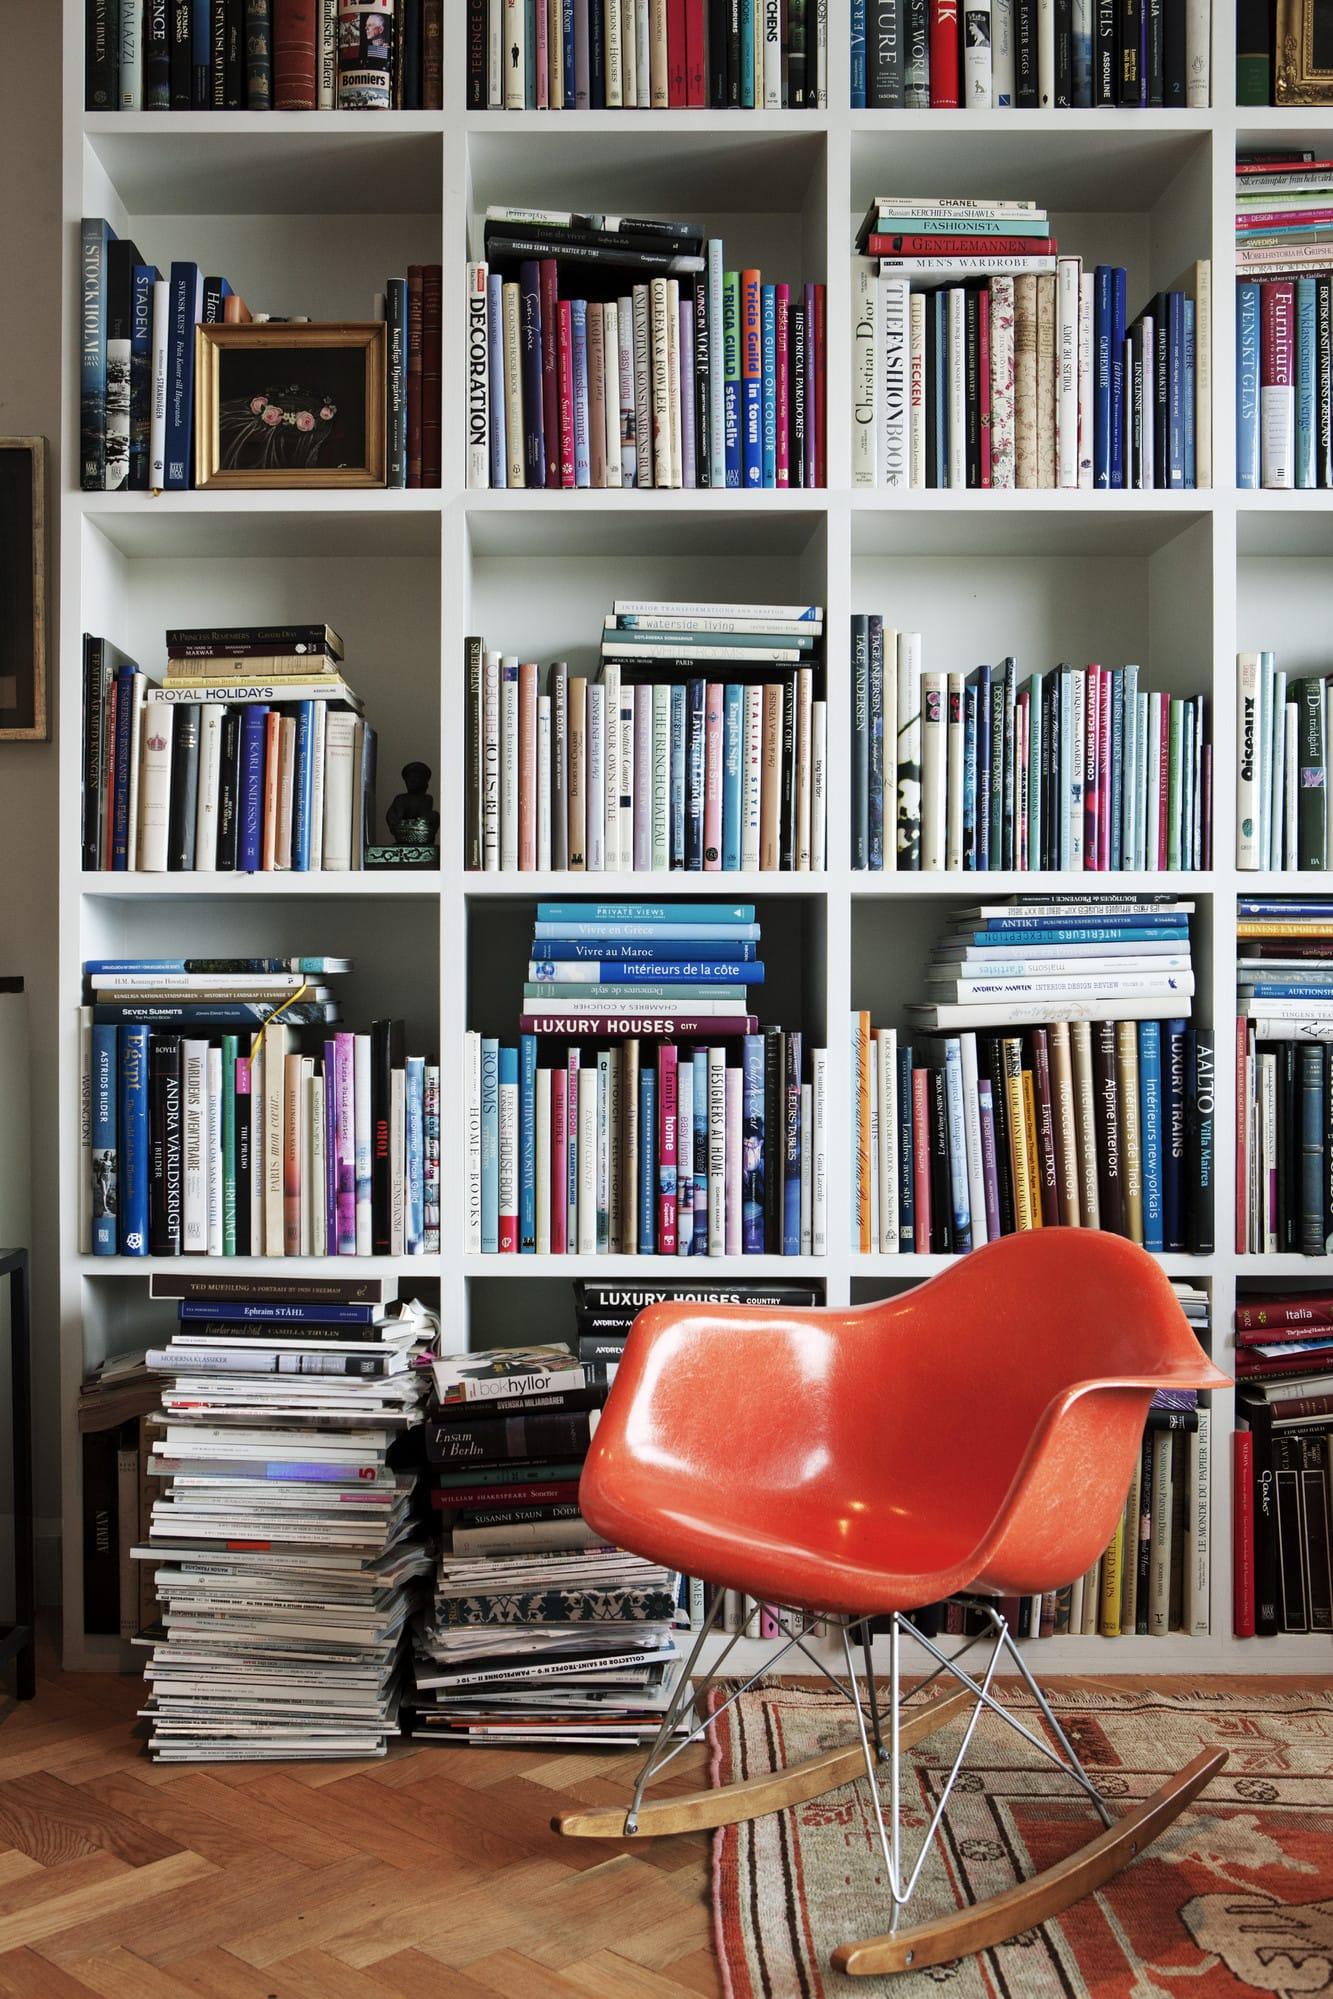 Framför tidningshögar och den platsbyggda bokhyllan står en gungstol designad av makarna Eames.